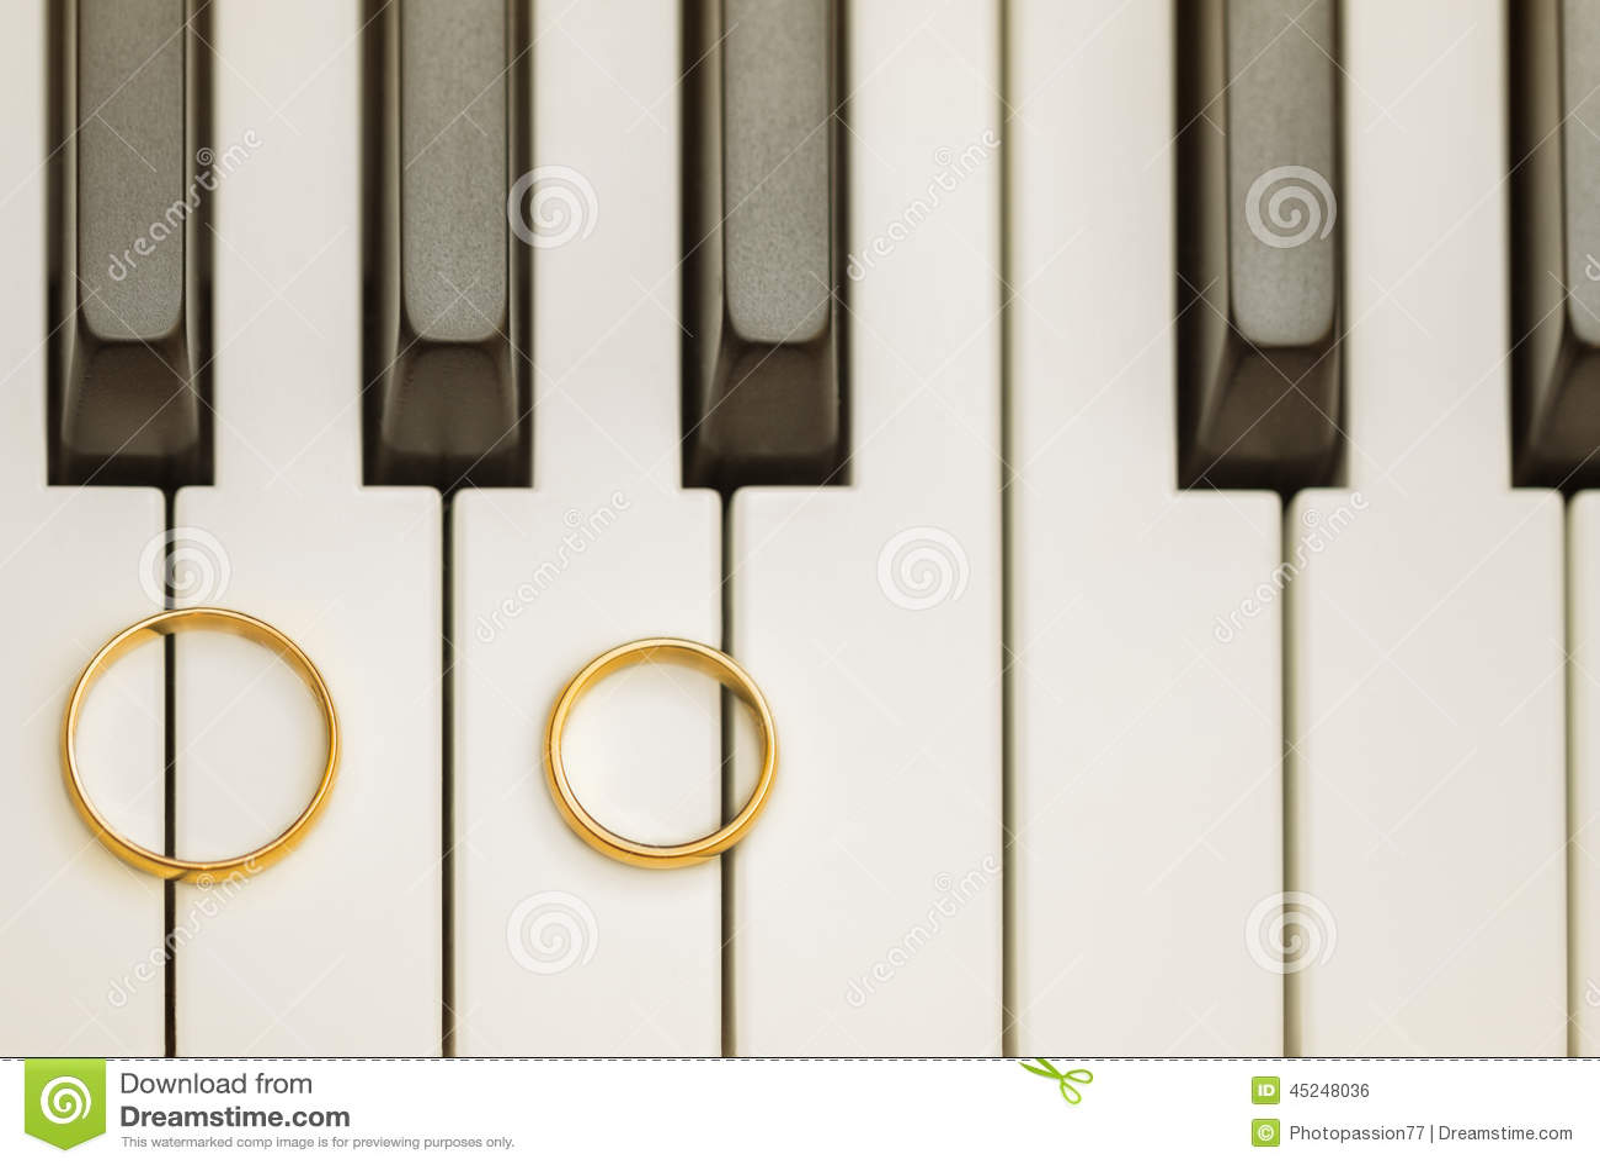 Trouwringen Op Piano Stock Foto Afbeelding Bestaande Uit Verjaardag